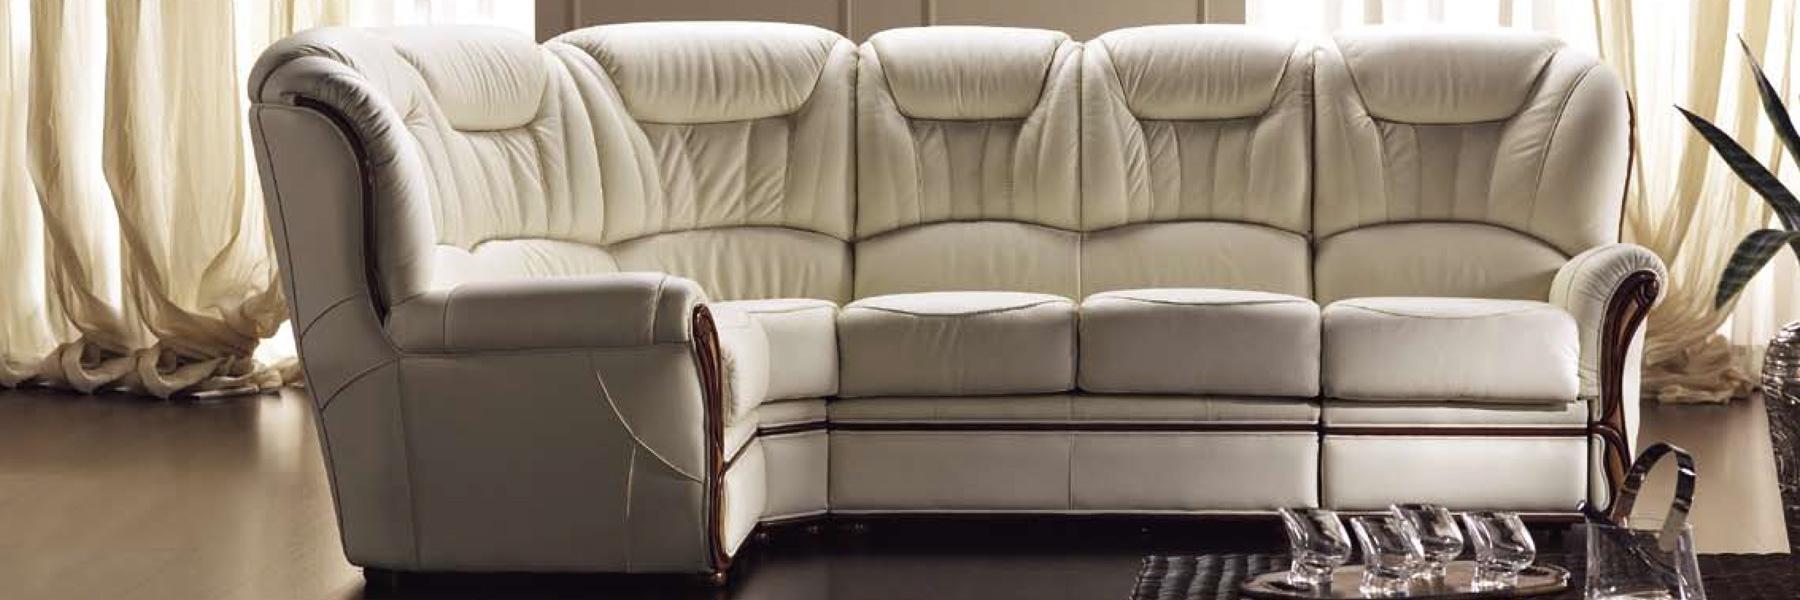 Divani Su Misura Milano divani e materassi su misura corsico - casabella